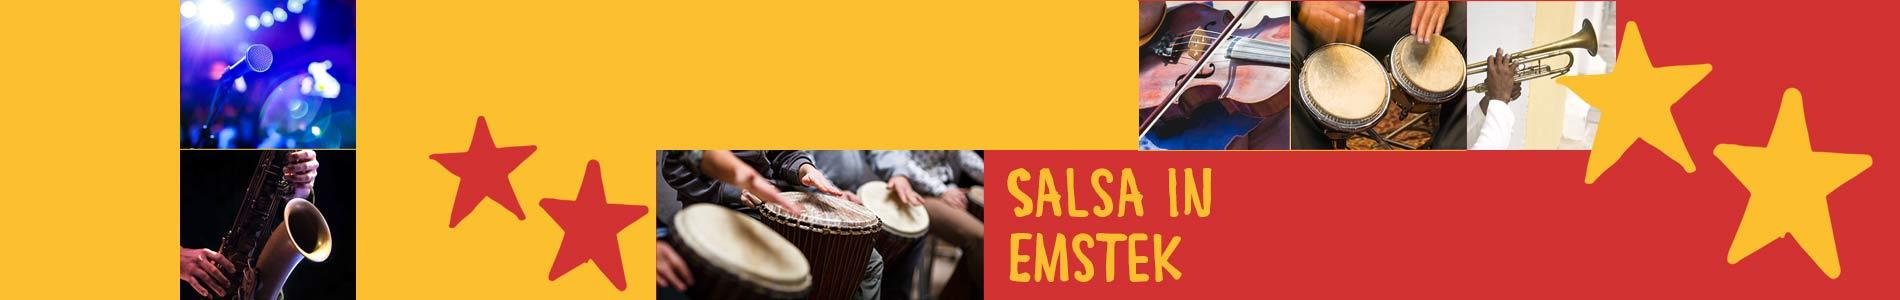 Salsa in Emstek – Salsa lernen und tanzen, Tanzkurse, Partys, Veranstaltungen